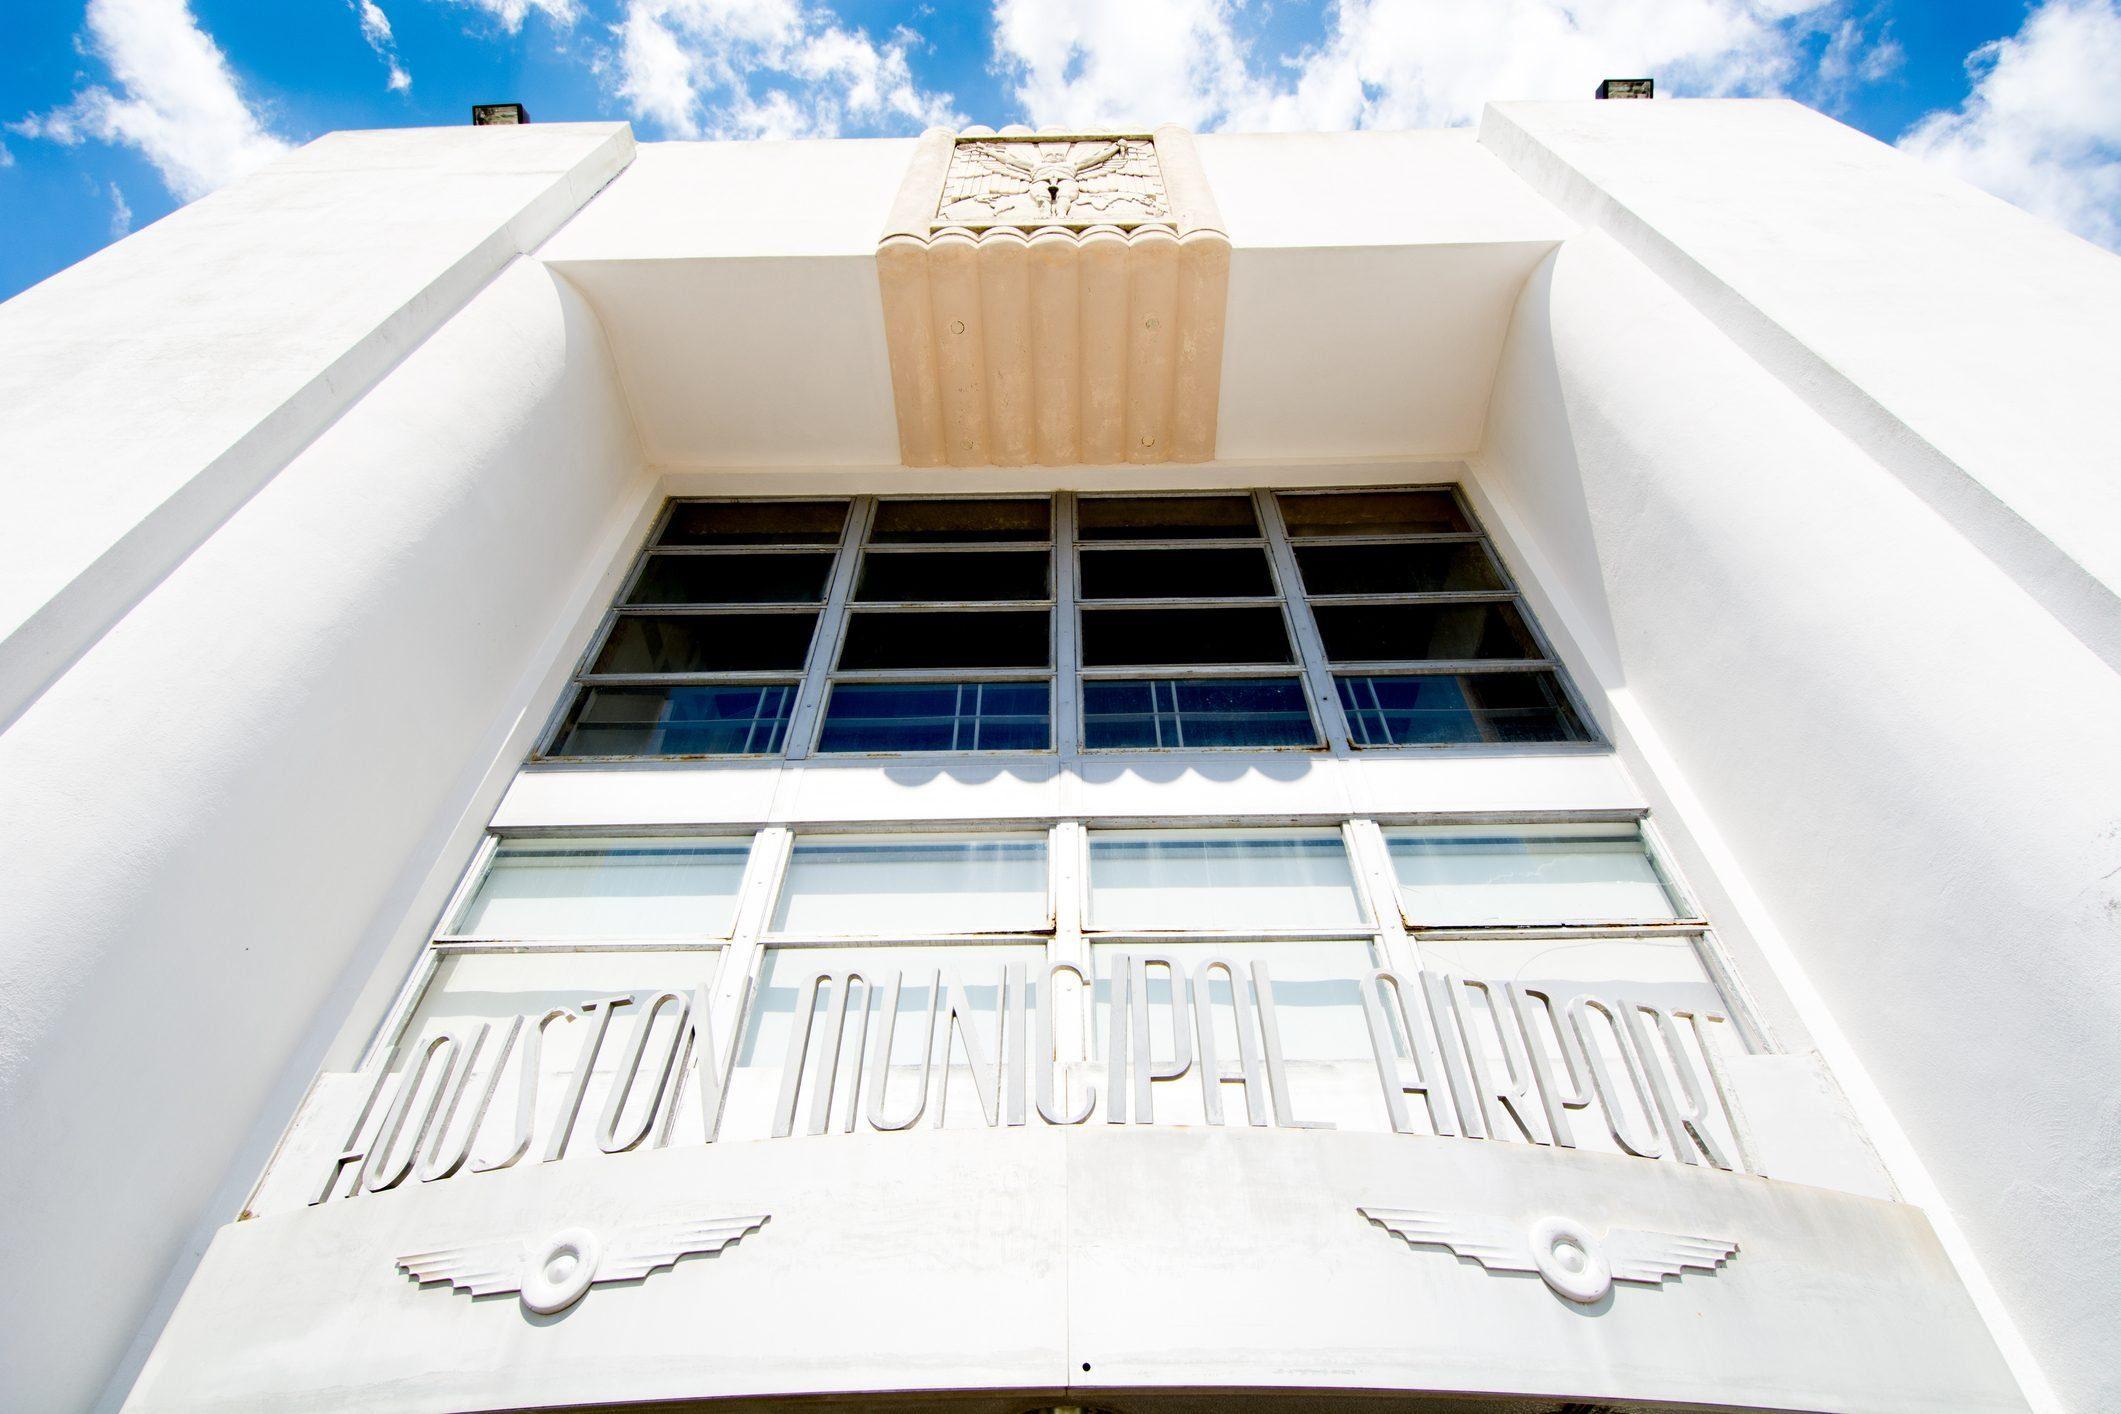 Entrance to Houston's 1940 Air Terminal